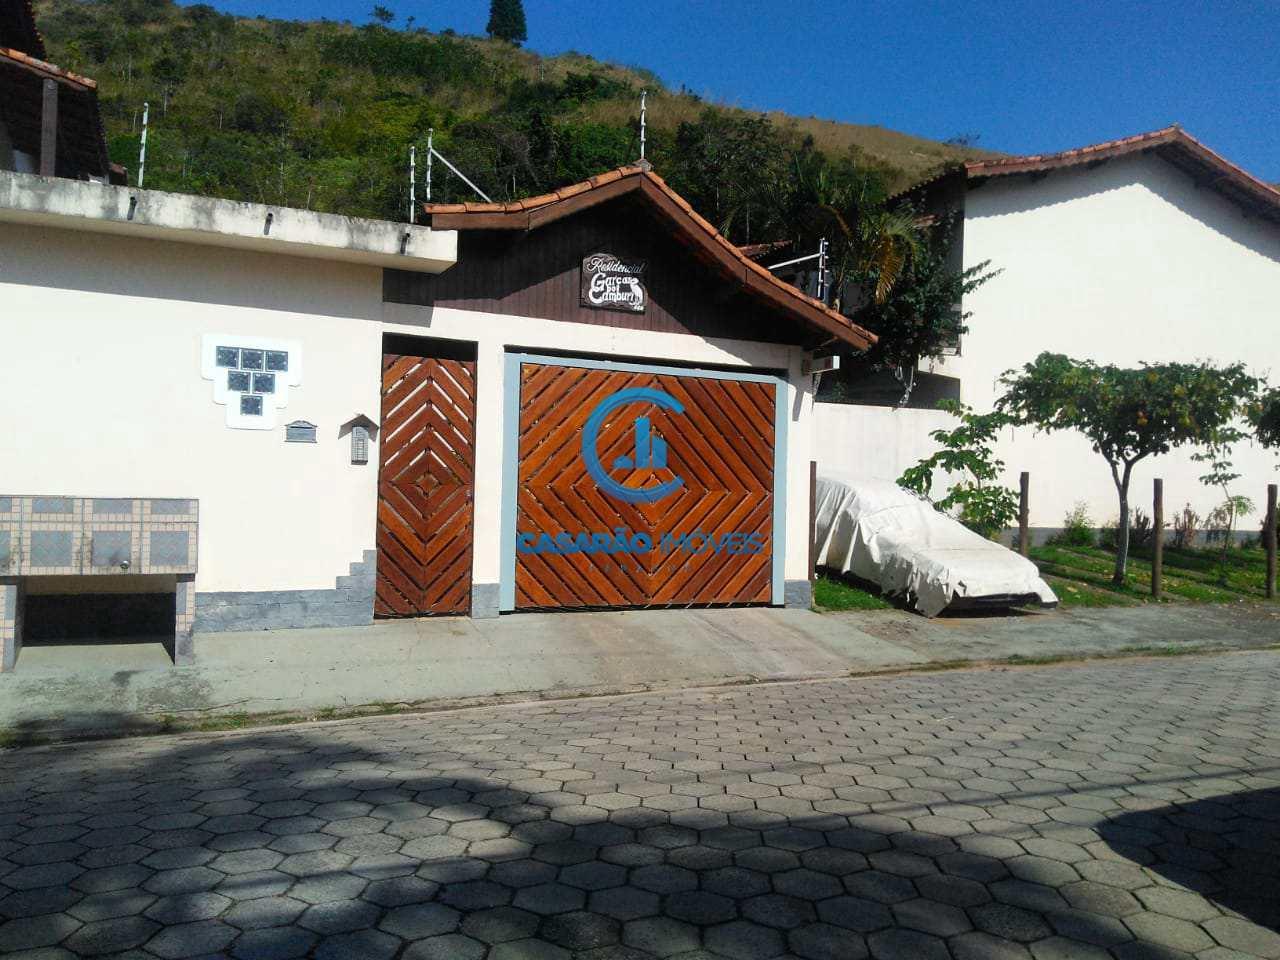 Sobrado de Condomínio com 2 dorms, Prainha, Caraguatatuba - R$ 300 mil, Cod: 9015